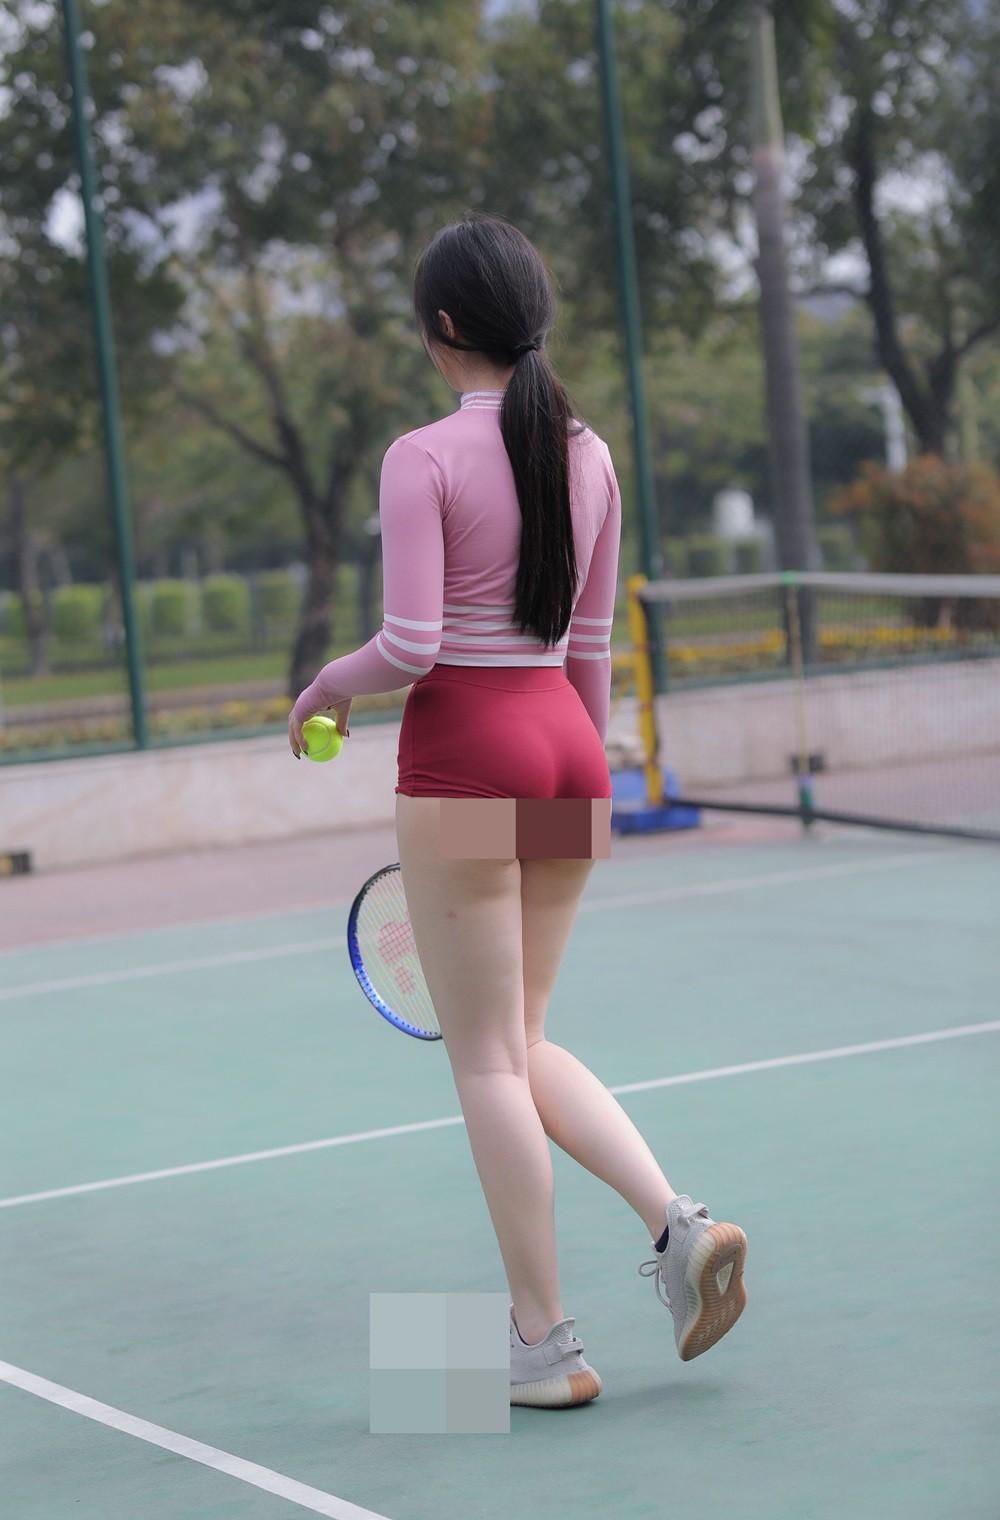 Nhức mắt thời trang thiếu vải của các mỹ nhân trên sân tennis - Hình 8